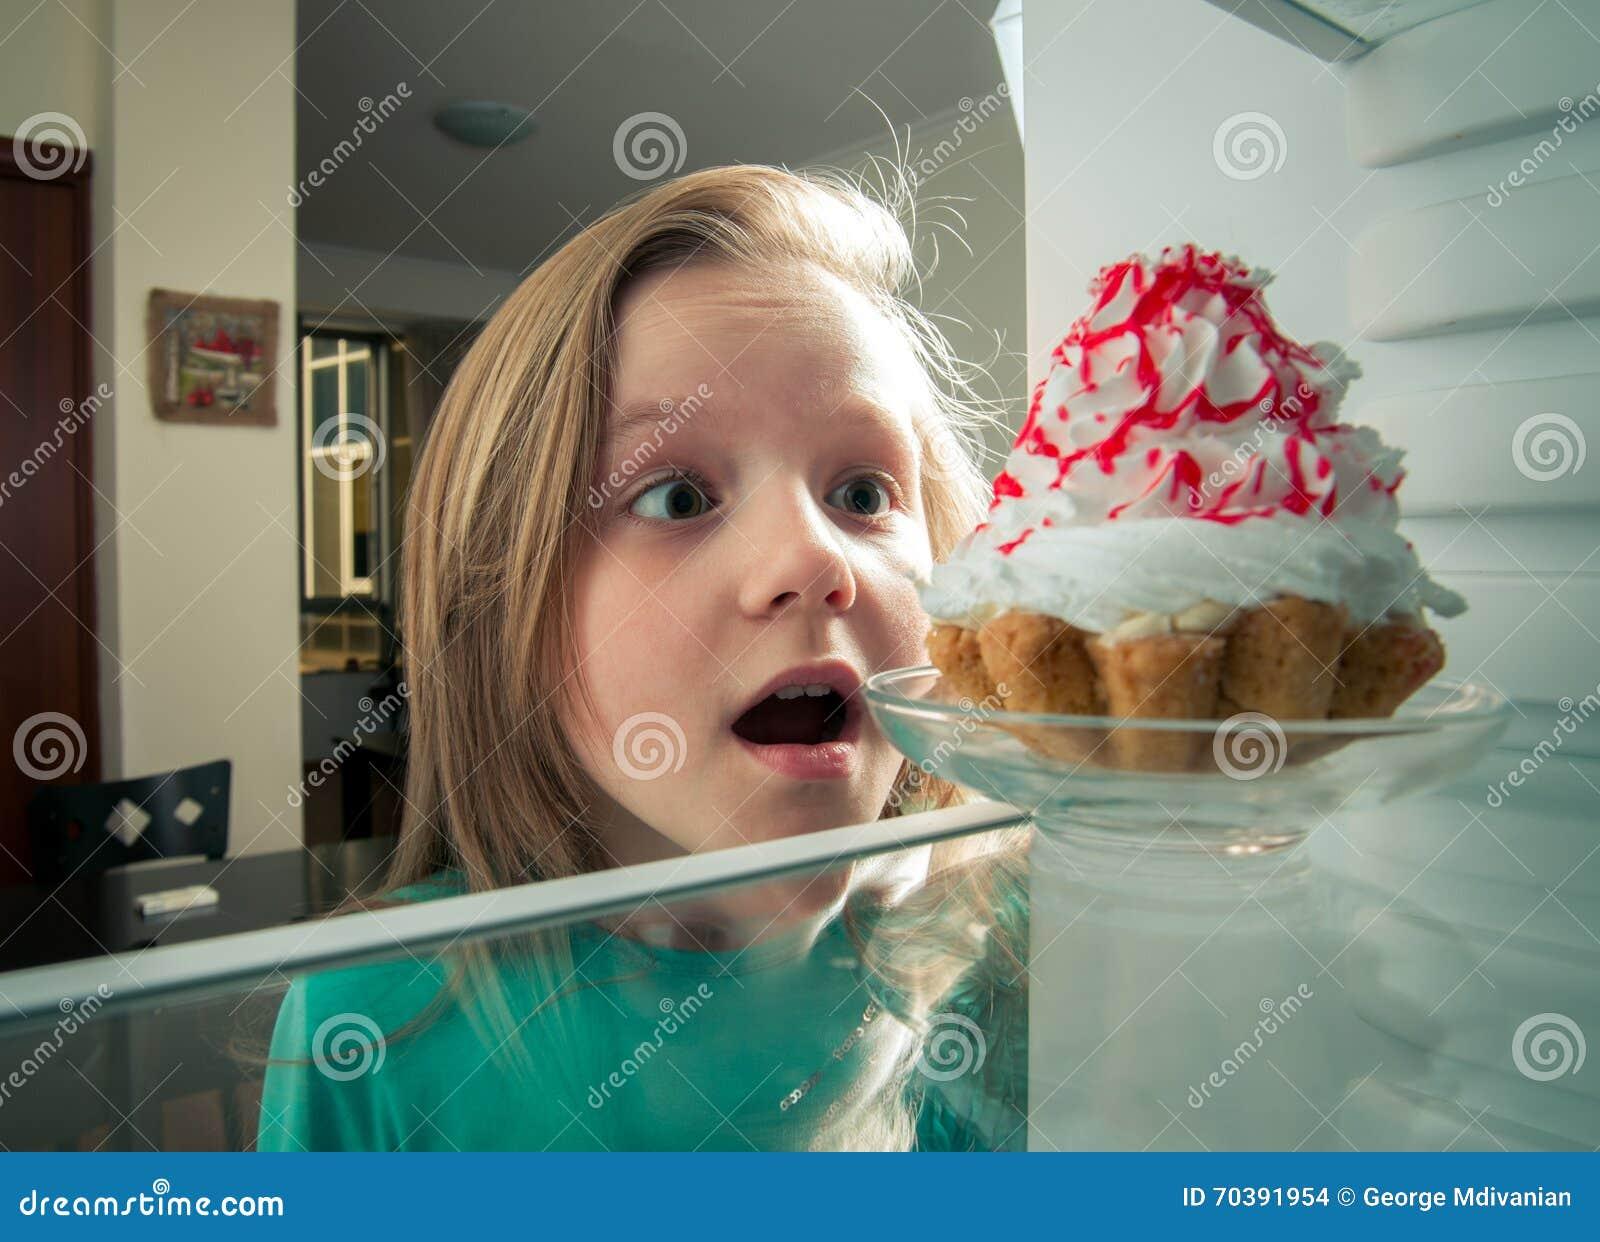 La fille voit le gâteau doux le réfrigérateur